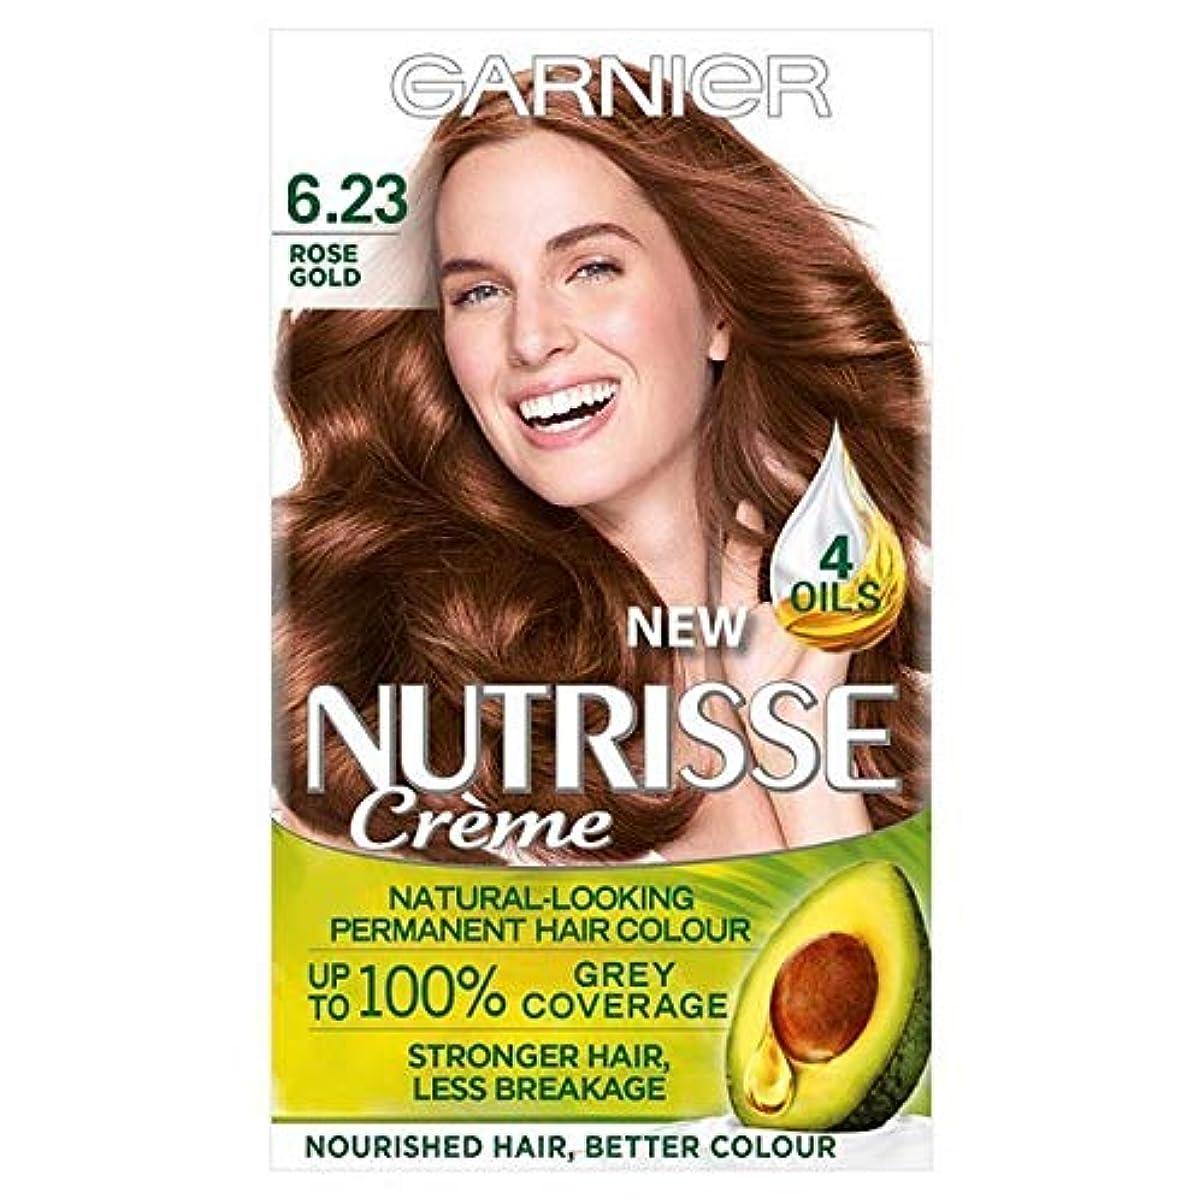 全体に再生的ピストン[Garnier ] ガルニエNutrisse永久染毛剤は金茶色の6.23をバラ - Garnier Nutrisse Permanent Hair Dye Rose Gold Brown 6.23 [並行輸入品]